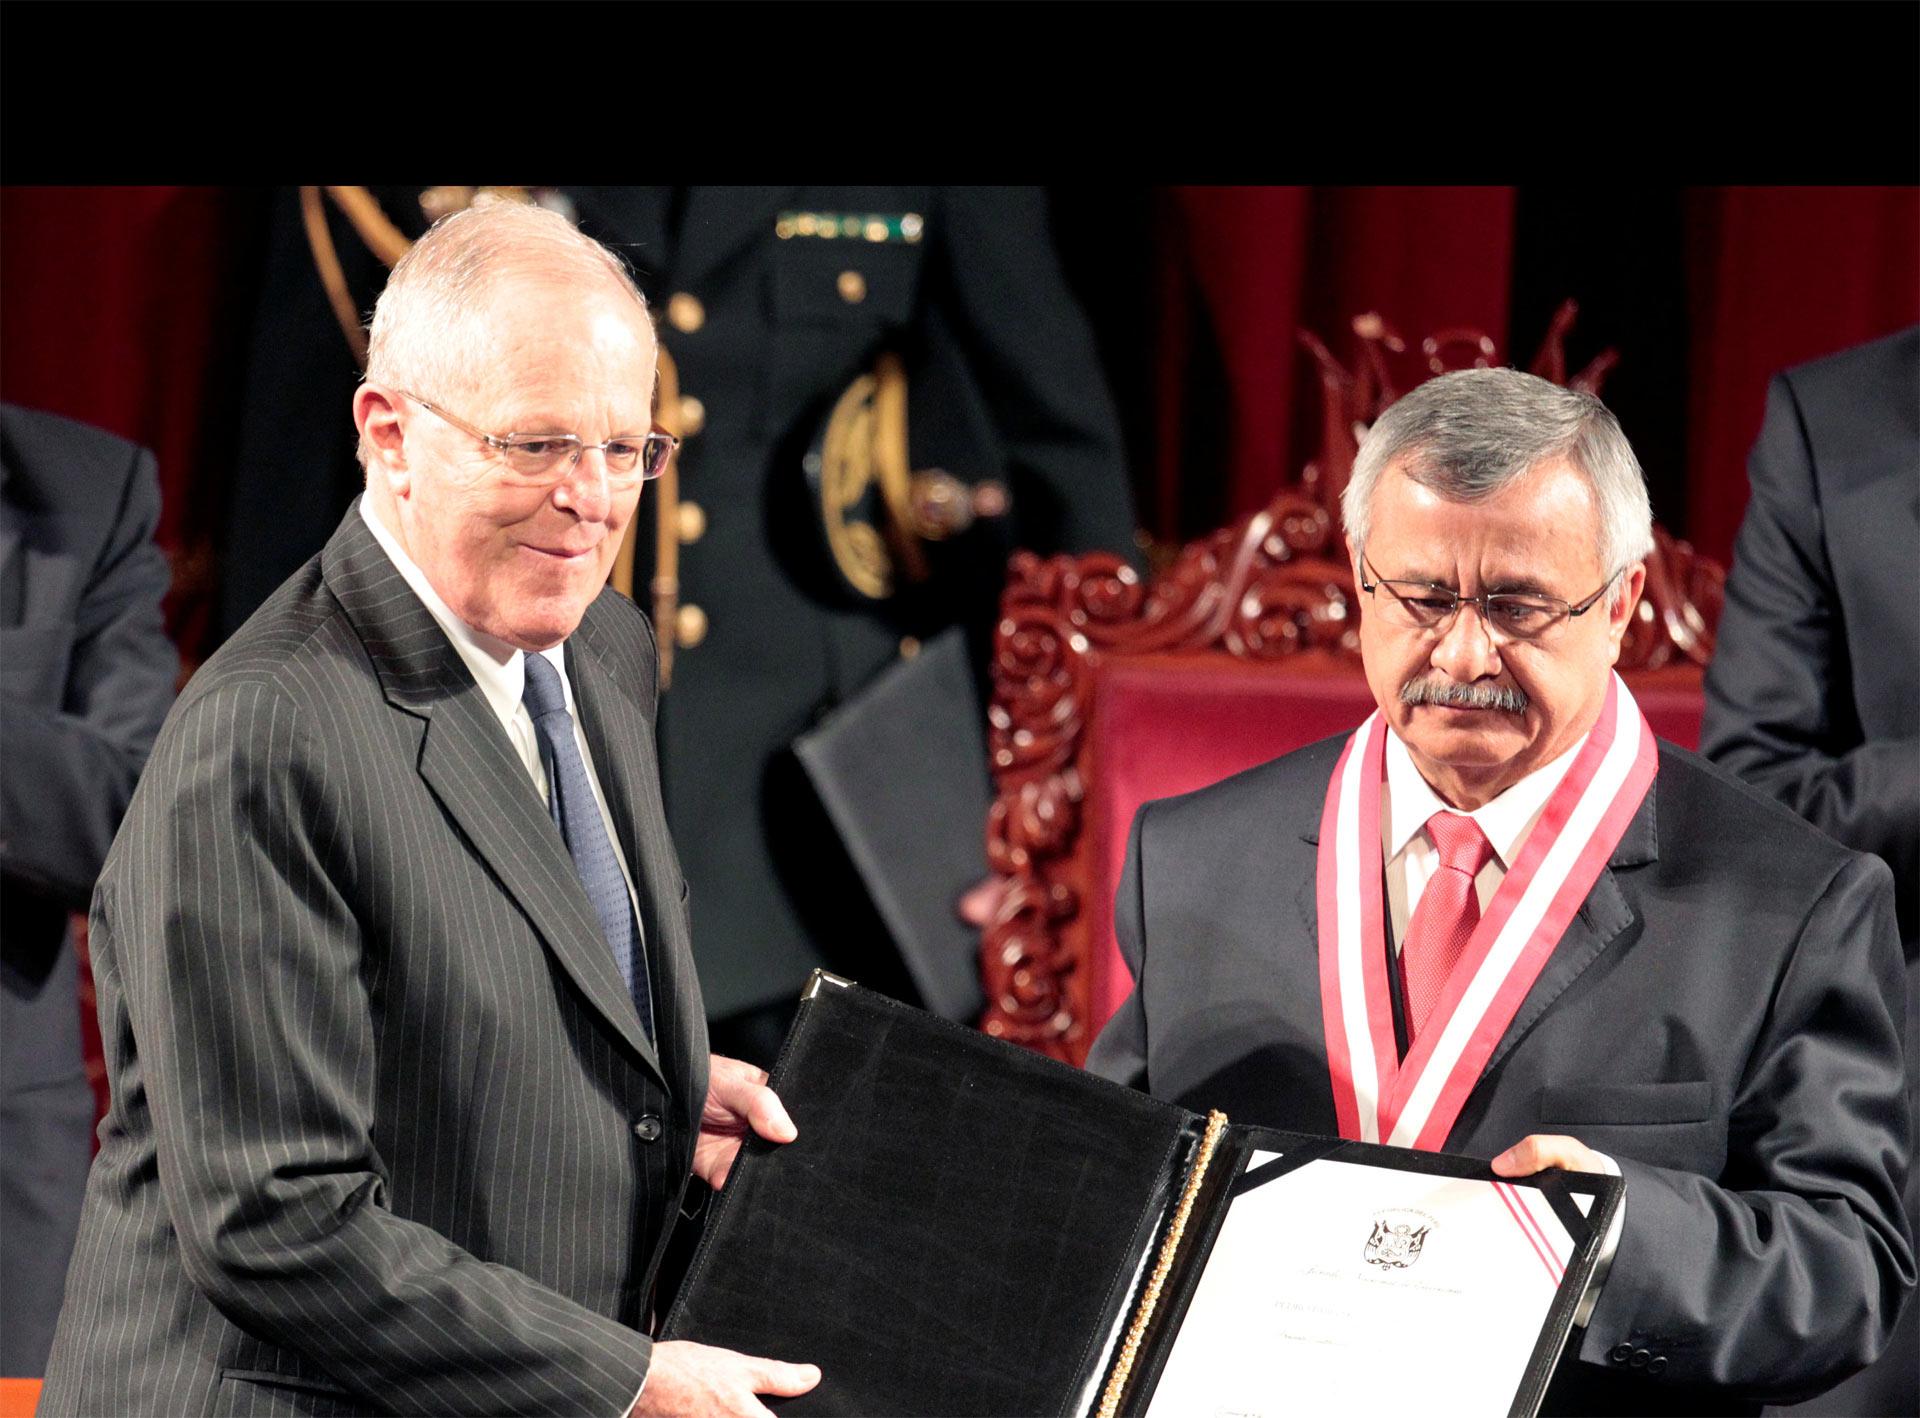 El Jurado Nacional de Elecciones las entregó al nuevo presidente de Perú en un acto en el Teatro Municipal de Lima